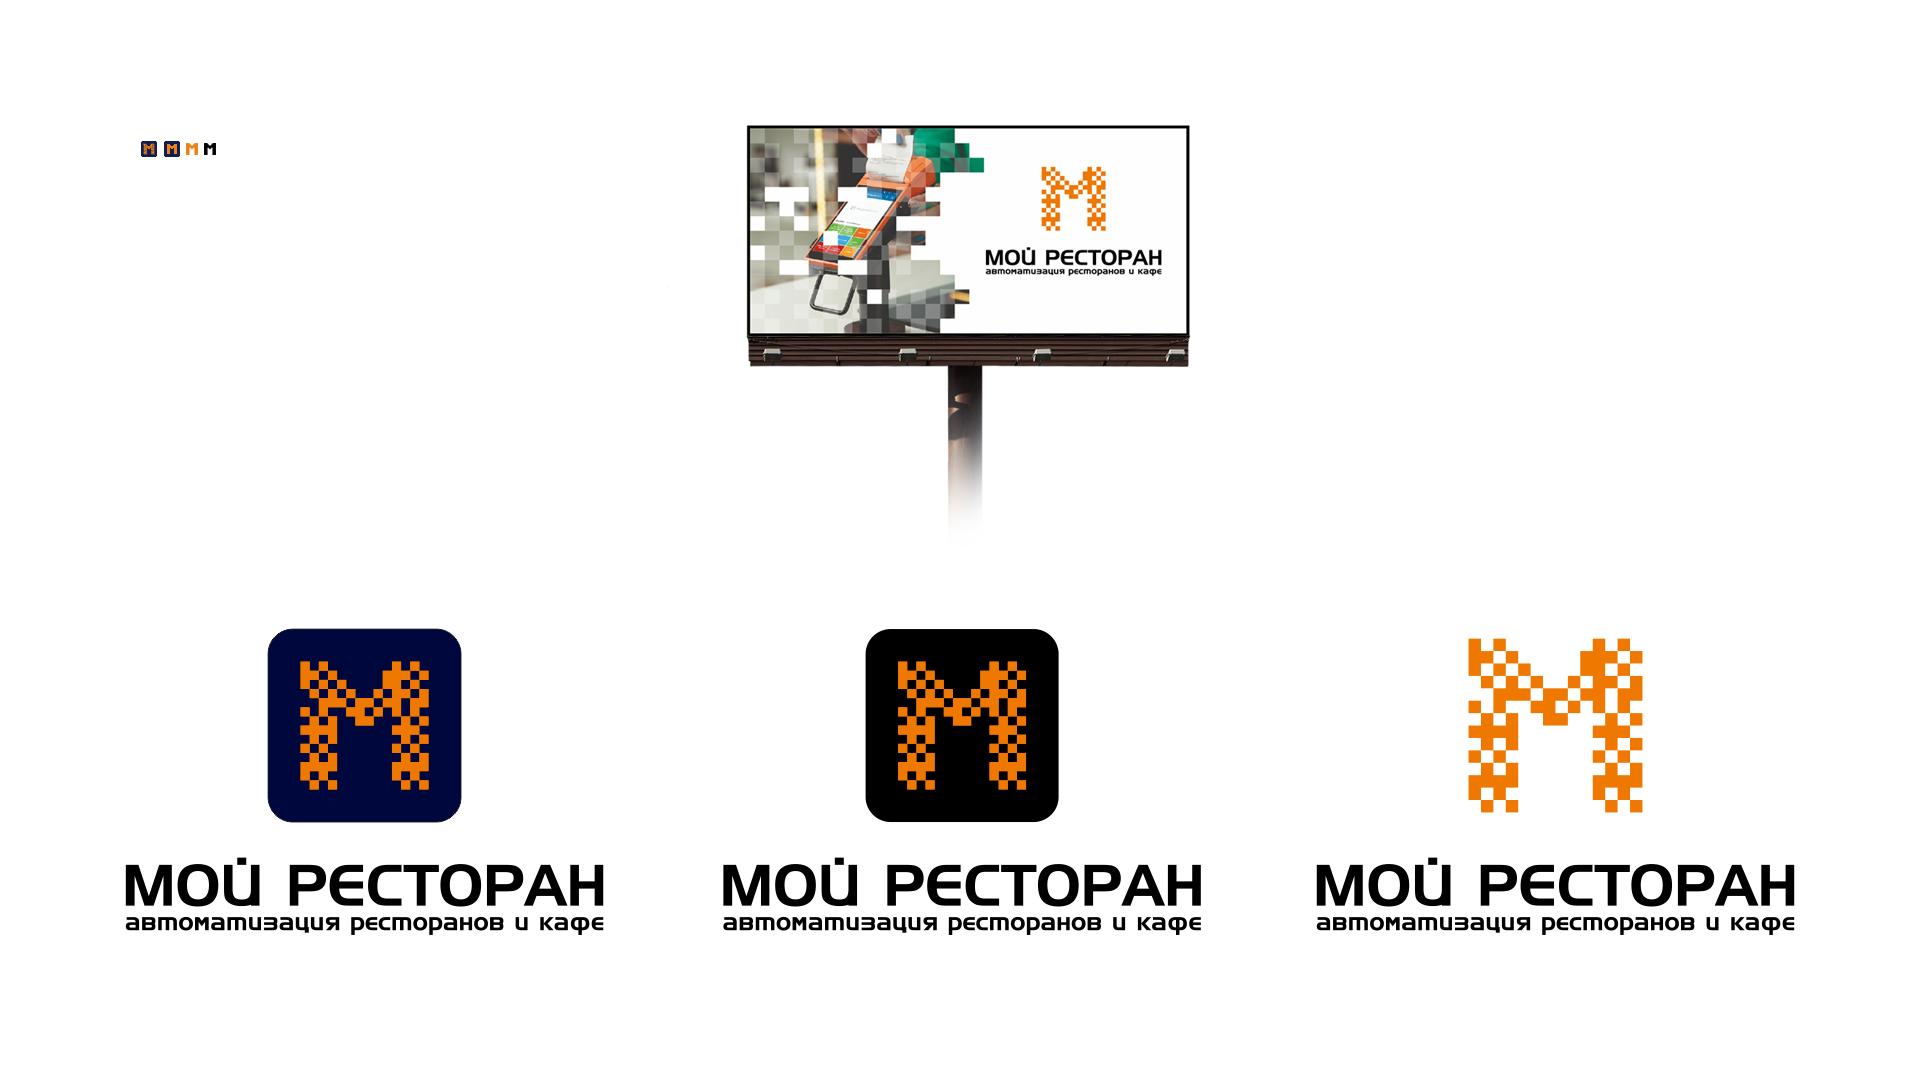 Разработать логотип и фавикон для IT- компании фото f_6475d5318a3283f4.png